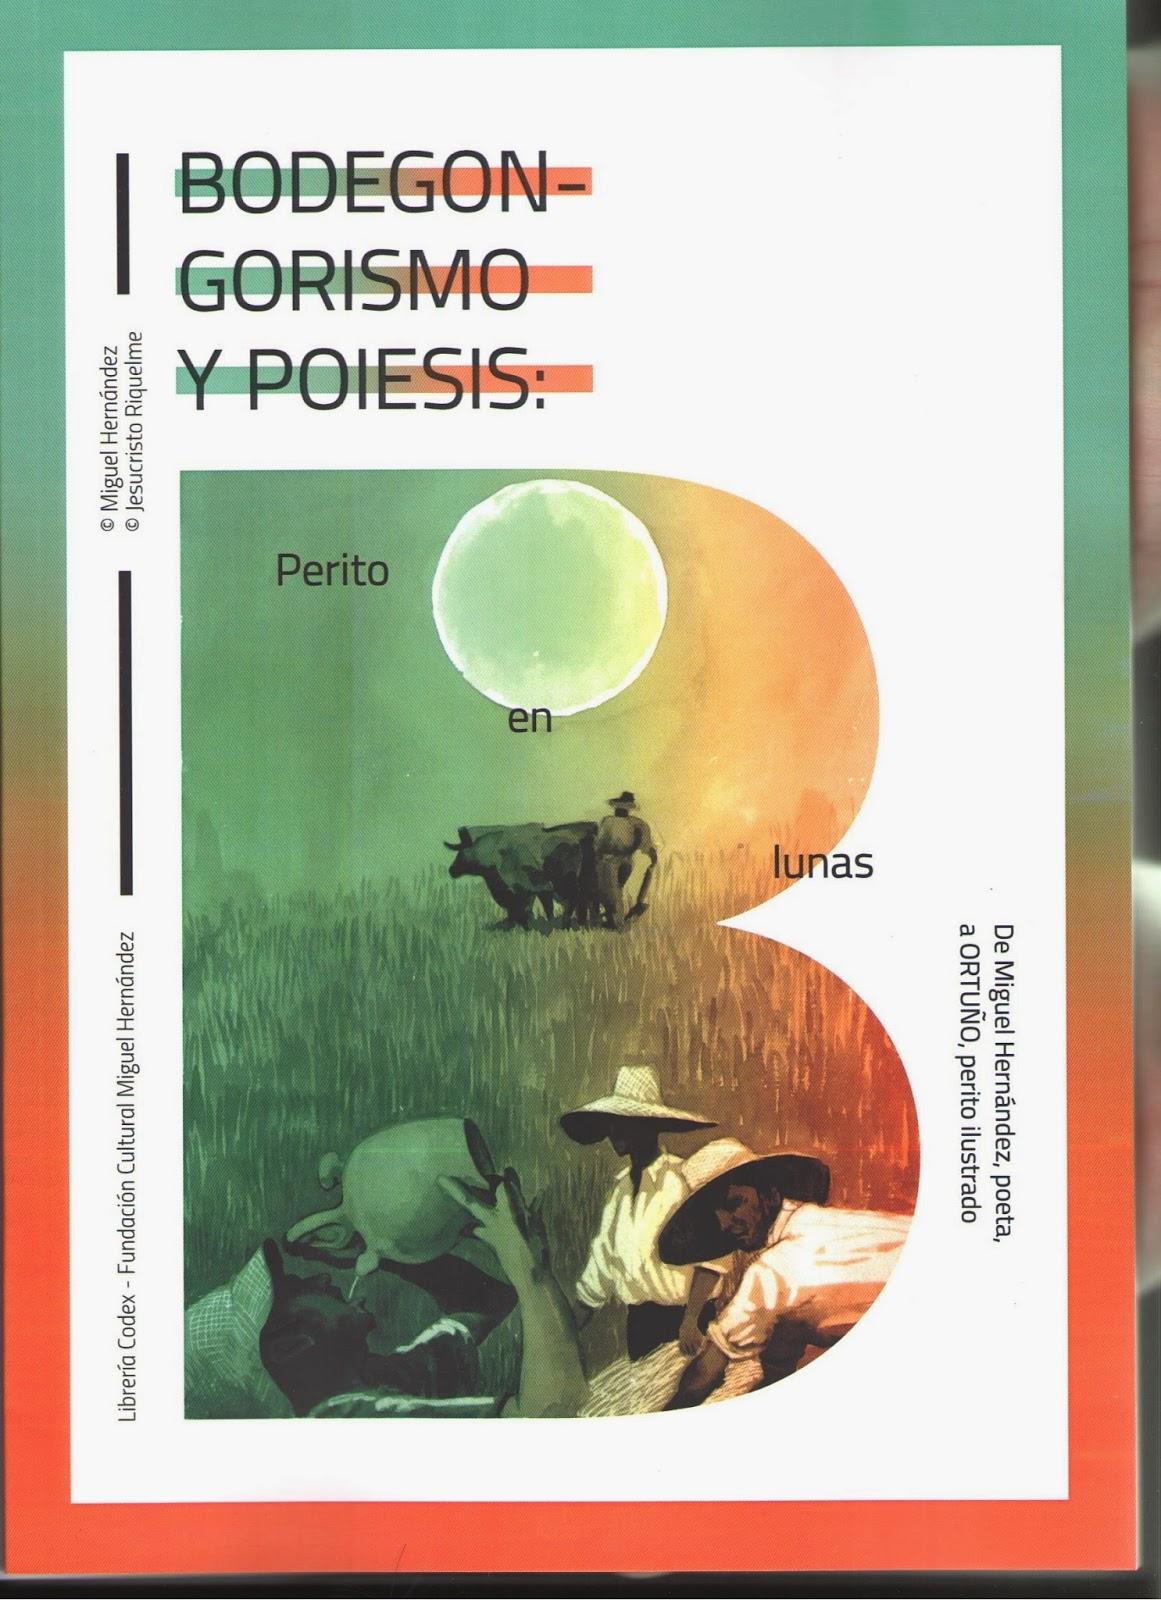 miguel hernandez, libreria codex, orihuela